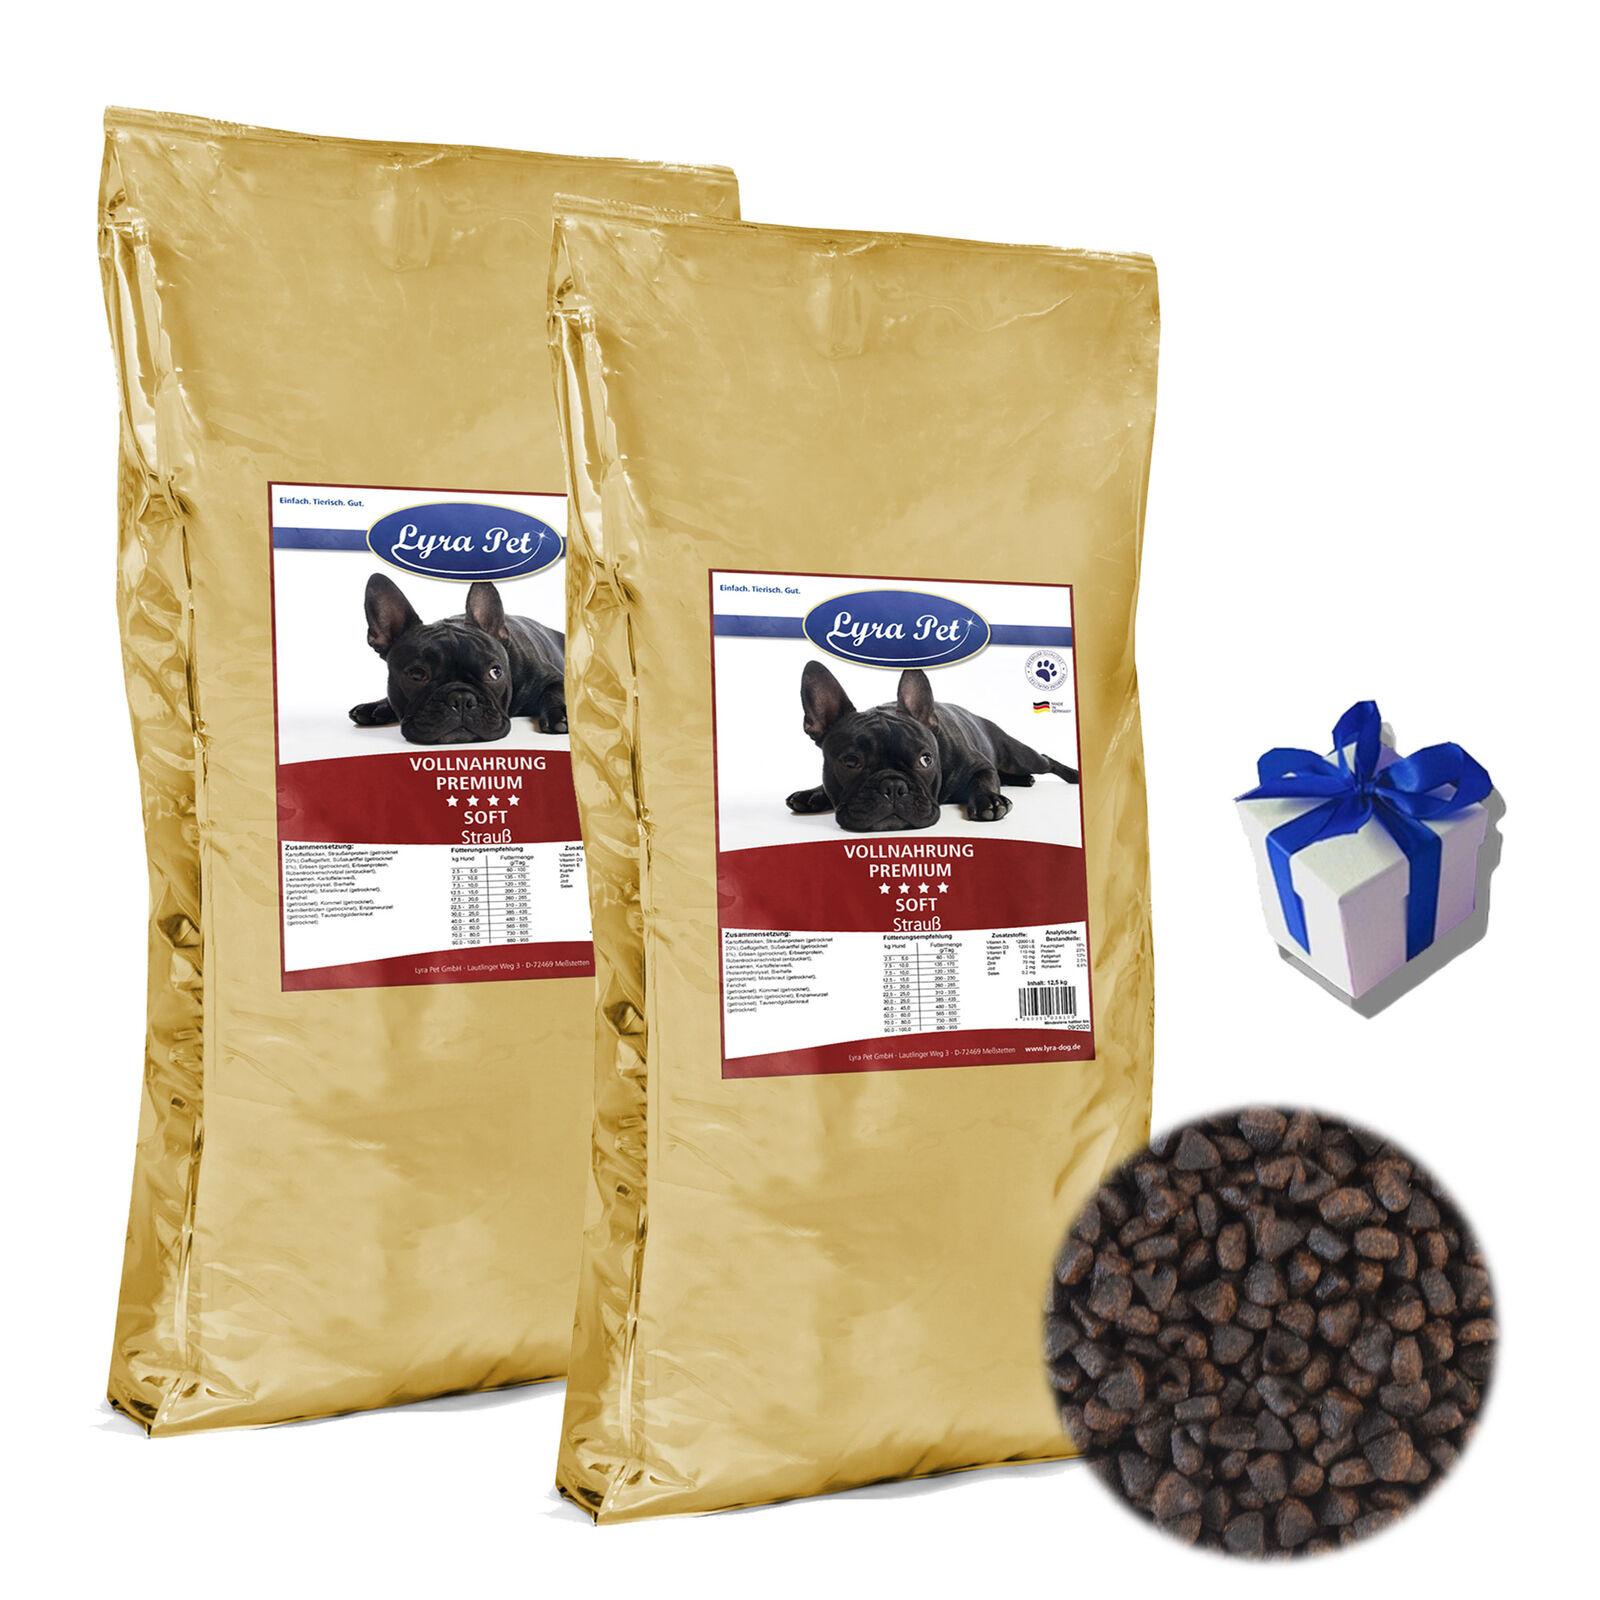 2 x 12,5 kg LYRA Pet Dog Soft struzzo Premium CIBO PER CANI SENZA GLUTINE  REGALO